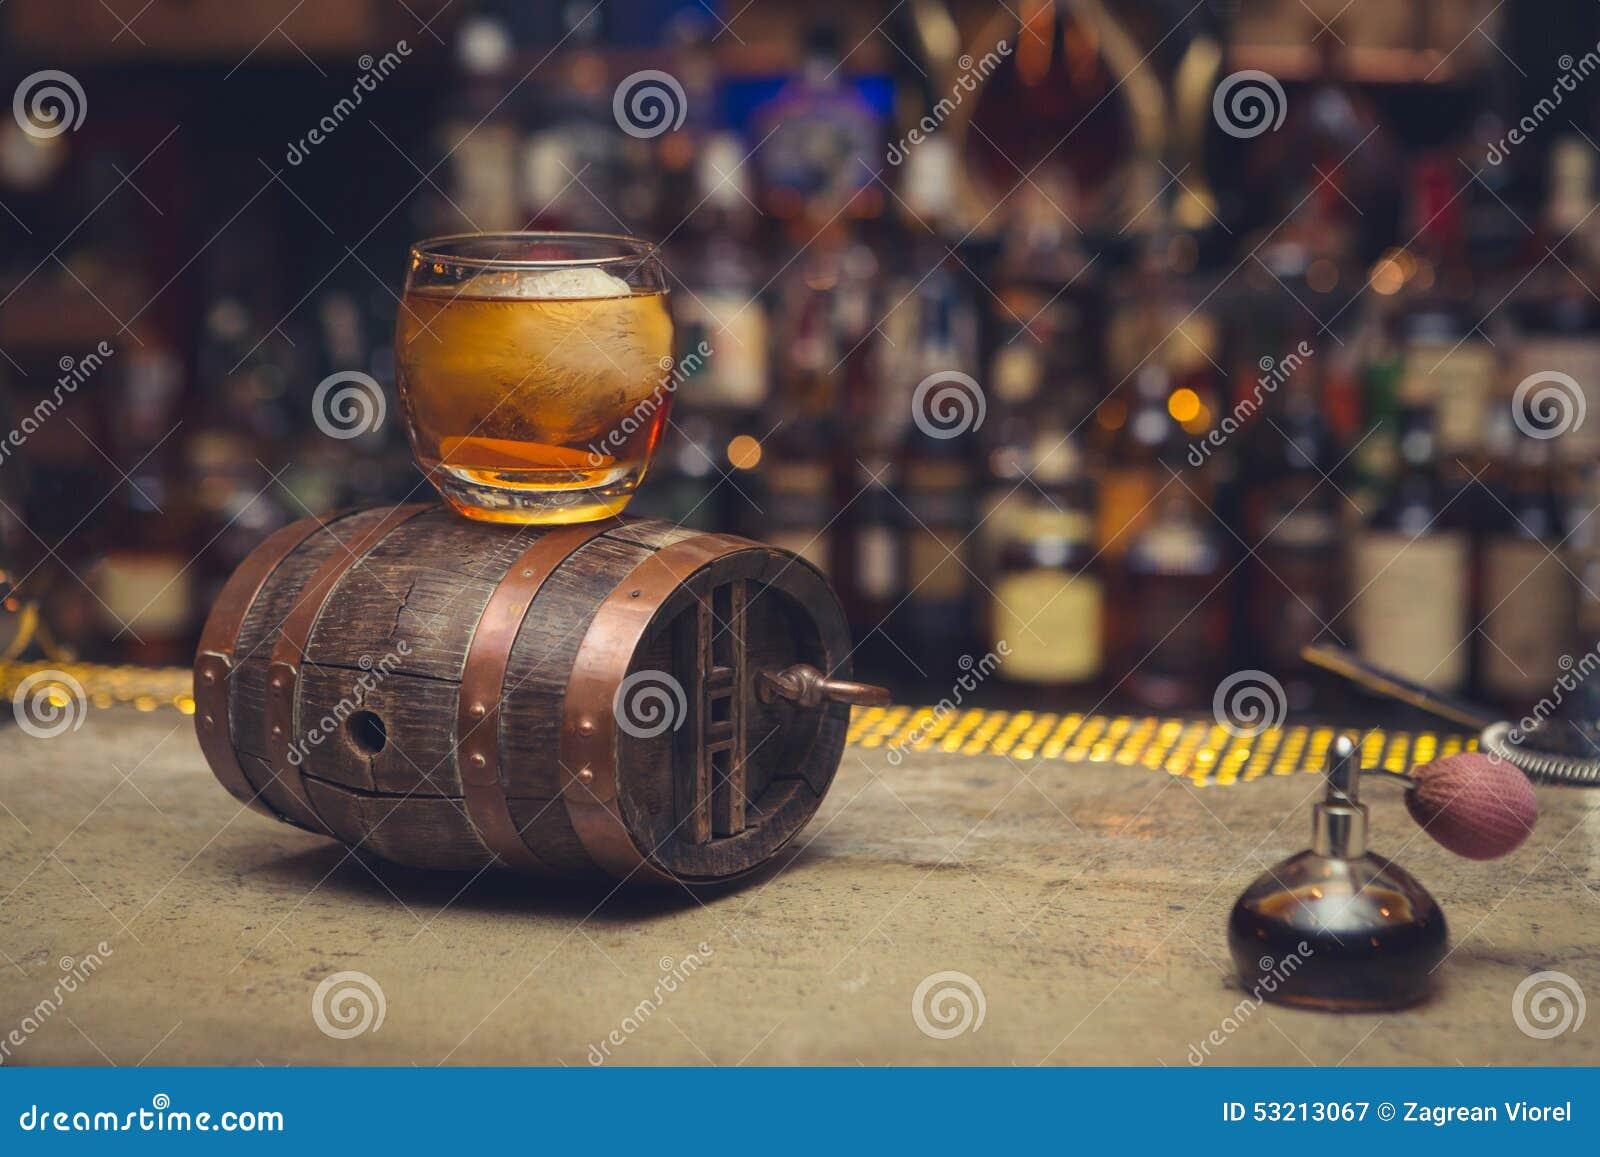 Mini Bar-Fass und -wiskey